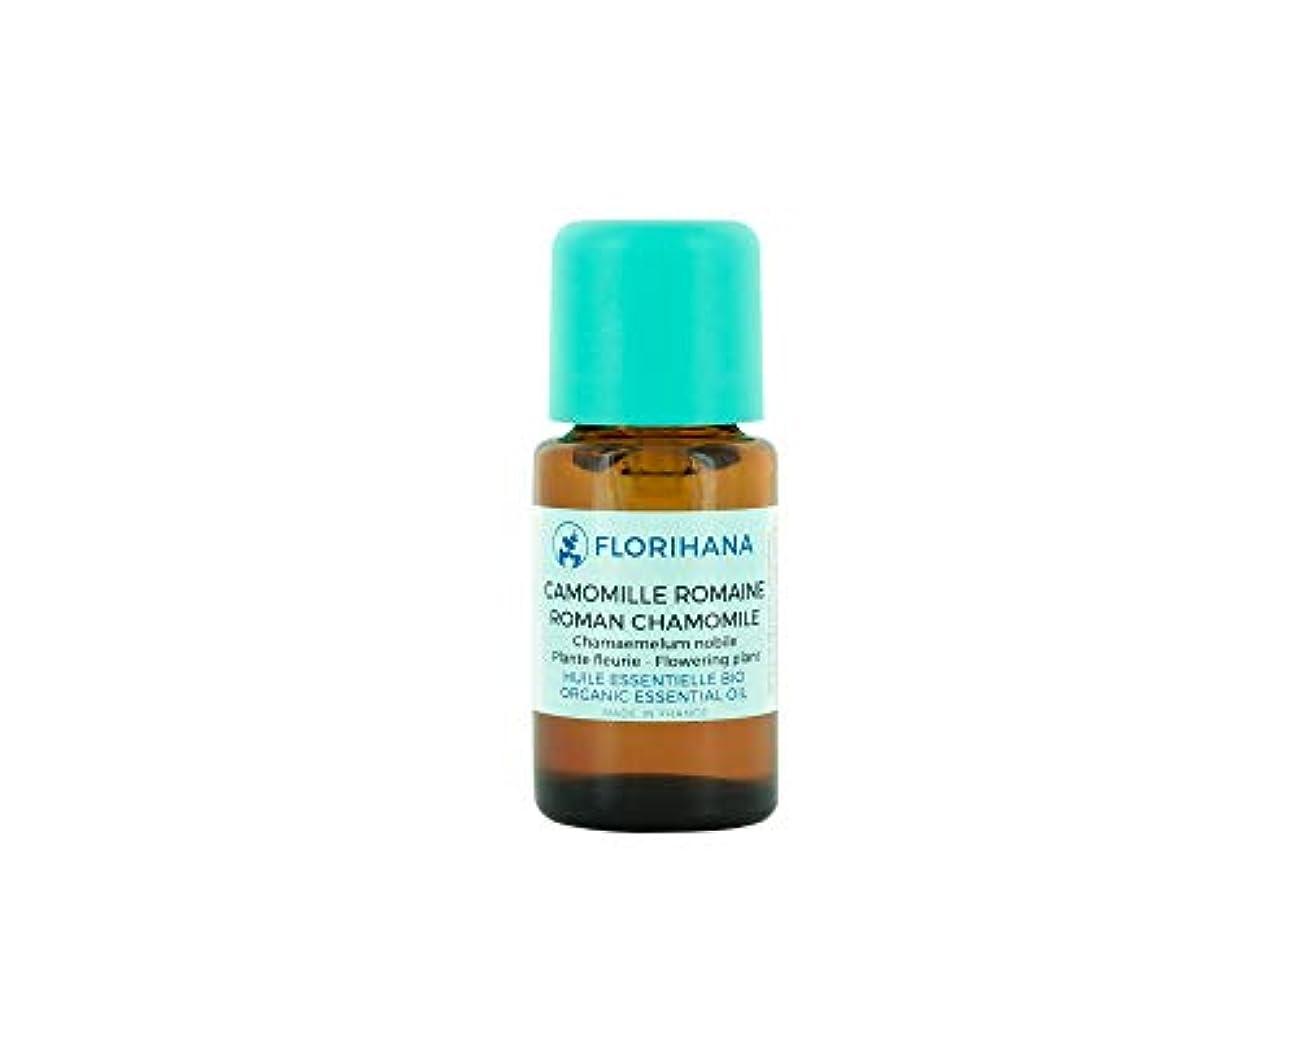 ゴールデン流用するオリエンタルオーガニック エッセンシャルオイル ローマンカモミール 2g(2.2ml)